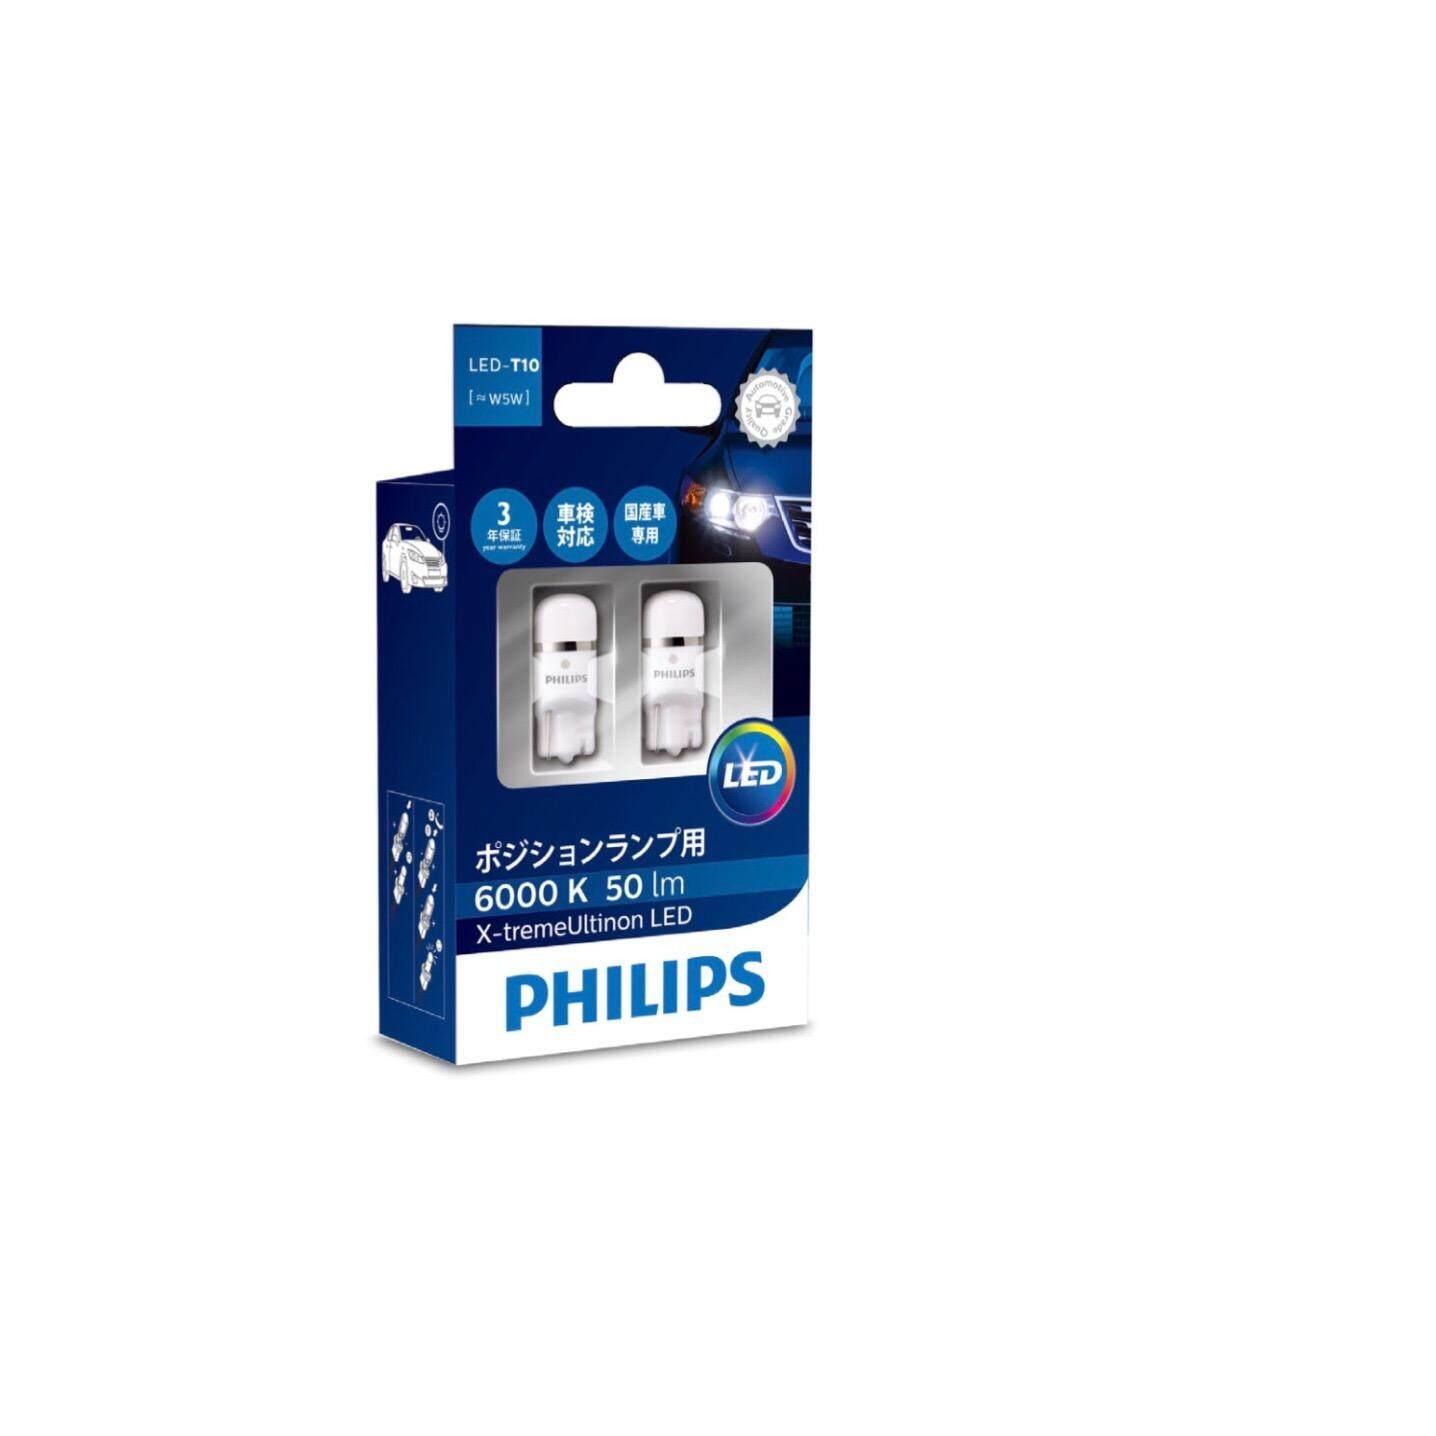 ราคา Philips หลอดไฟหรี่ X Treme Ultinon Led 6000K T10 Philips ใหม่